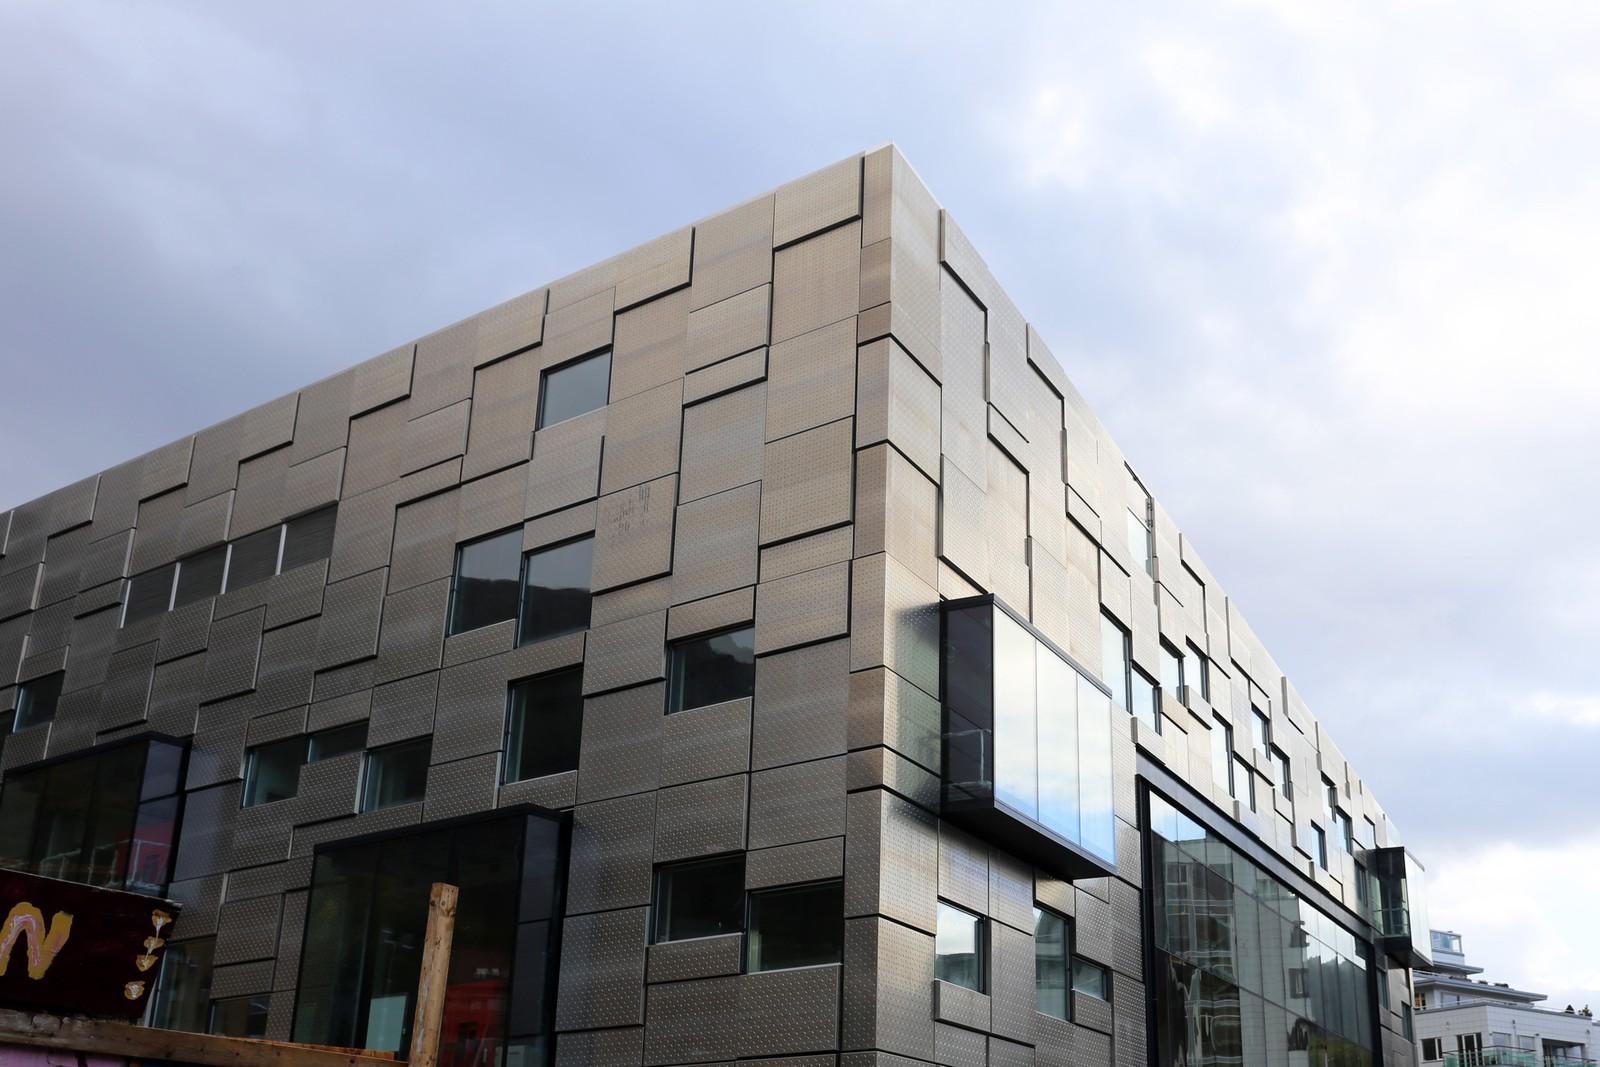 Vinduene på det nye bygget er plasser slik at de tar inn mest mulig lys, opplyser arkitekten.